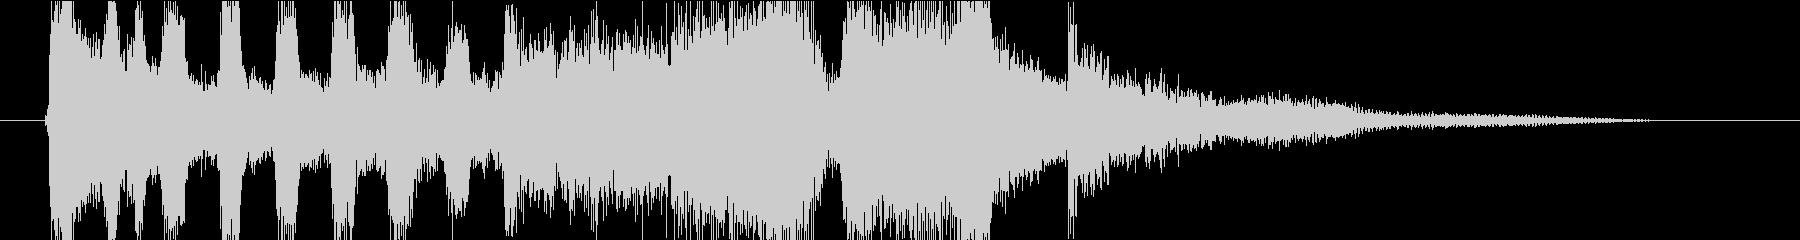 【ジングル】ブラスで始まりを演出する曲の未再生の波形